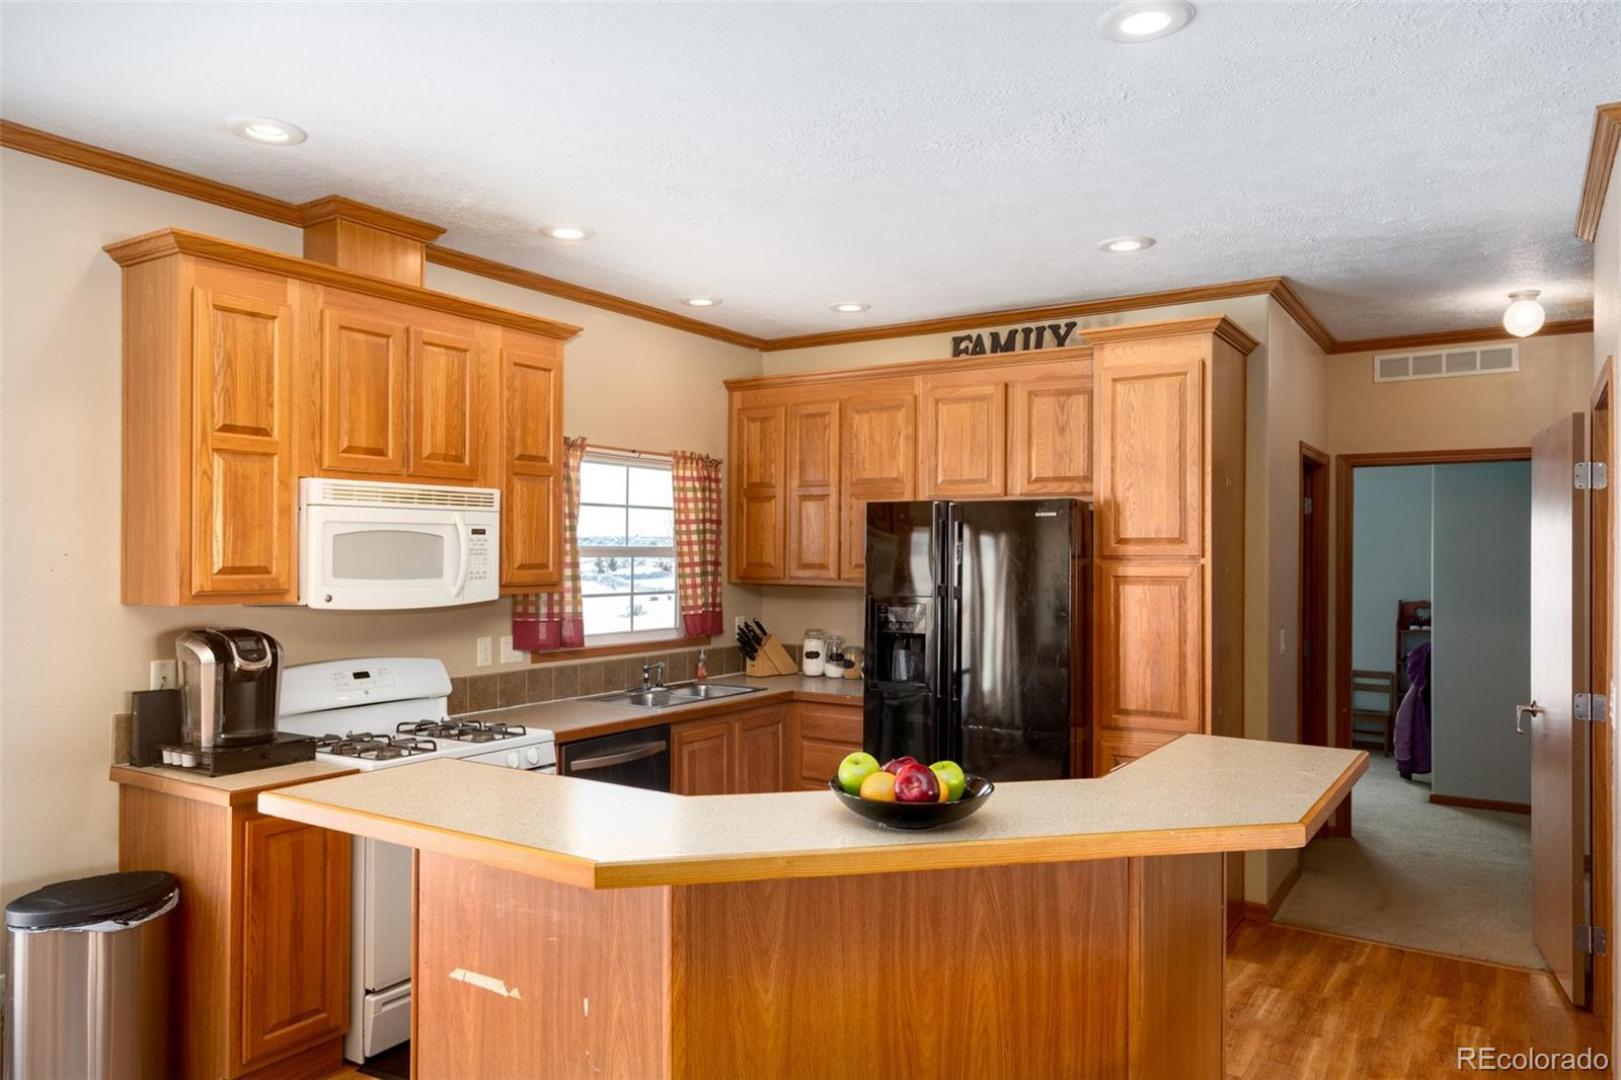 338 Honeysuckle Drive, Hayden, CO 81639 - Home for Sale ...